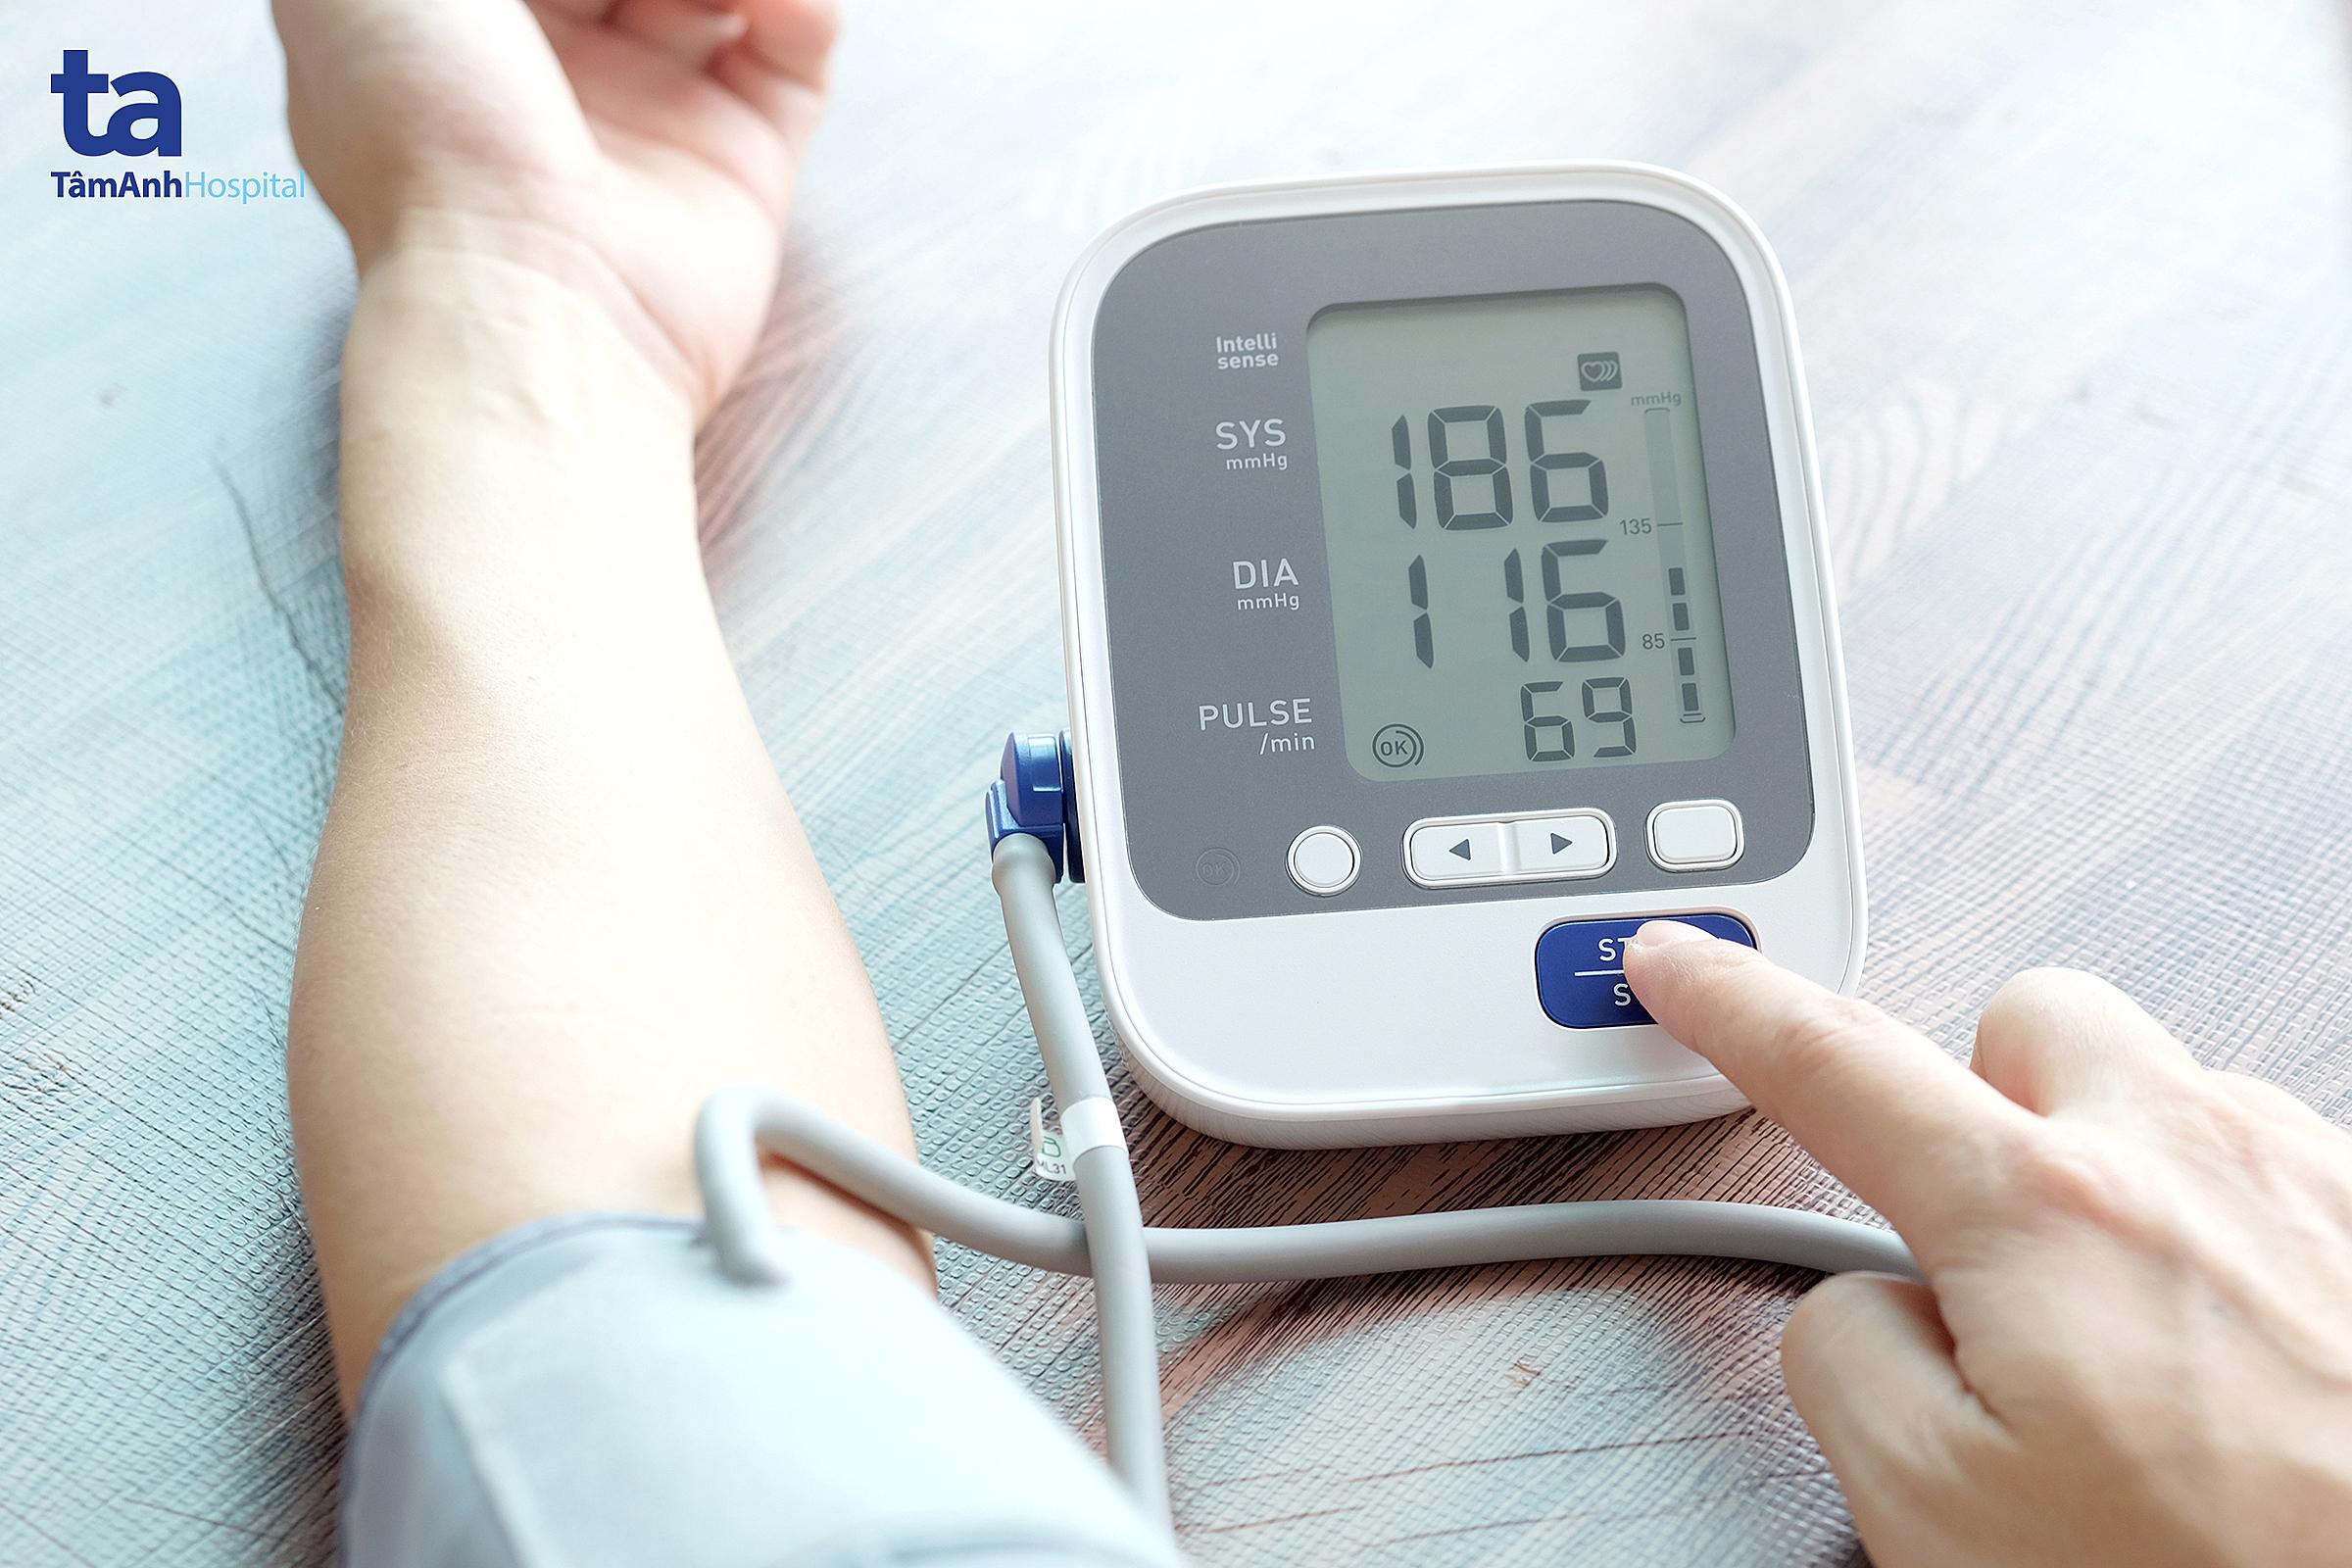 Theo dõi huyết áp thường xuyên giúp phát hiện sớm bệnh lý tăng huyết áp.